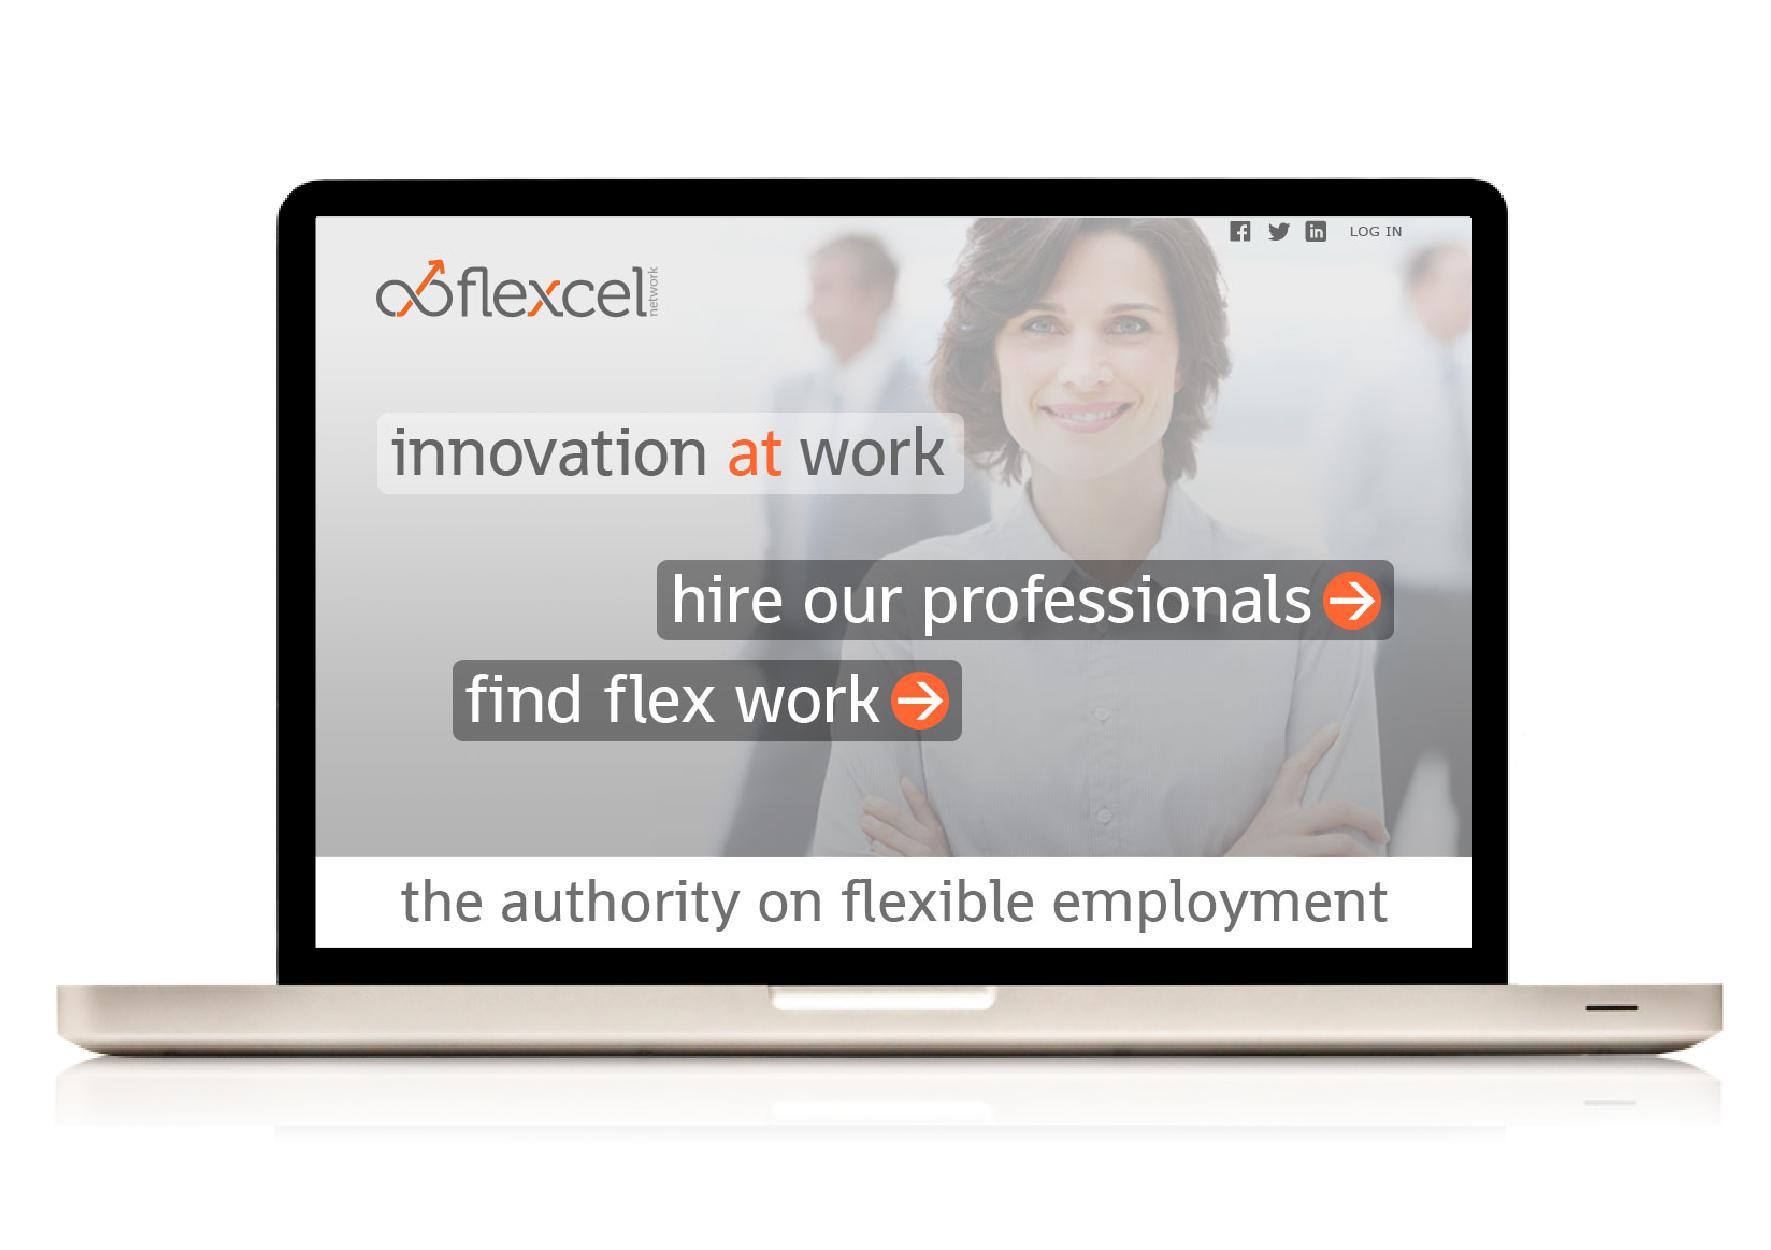 flexcel_laptop_new-01.png